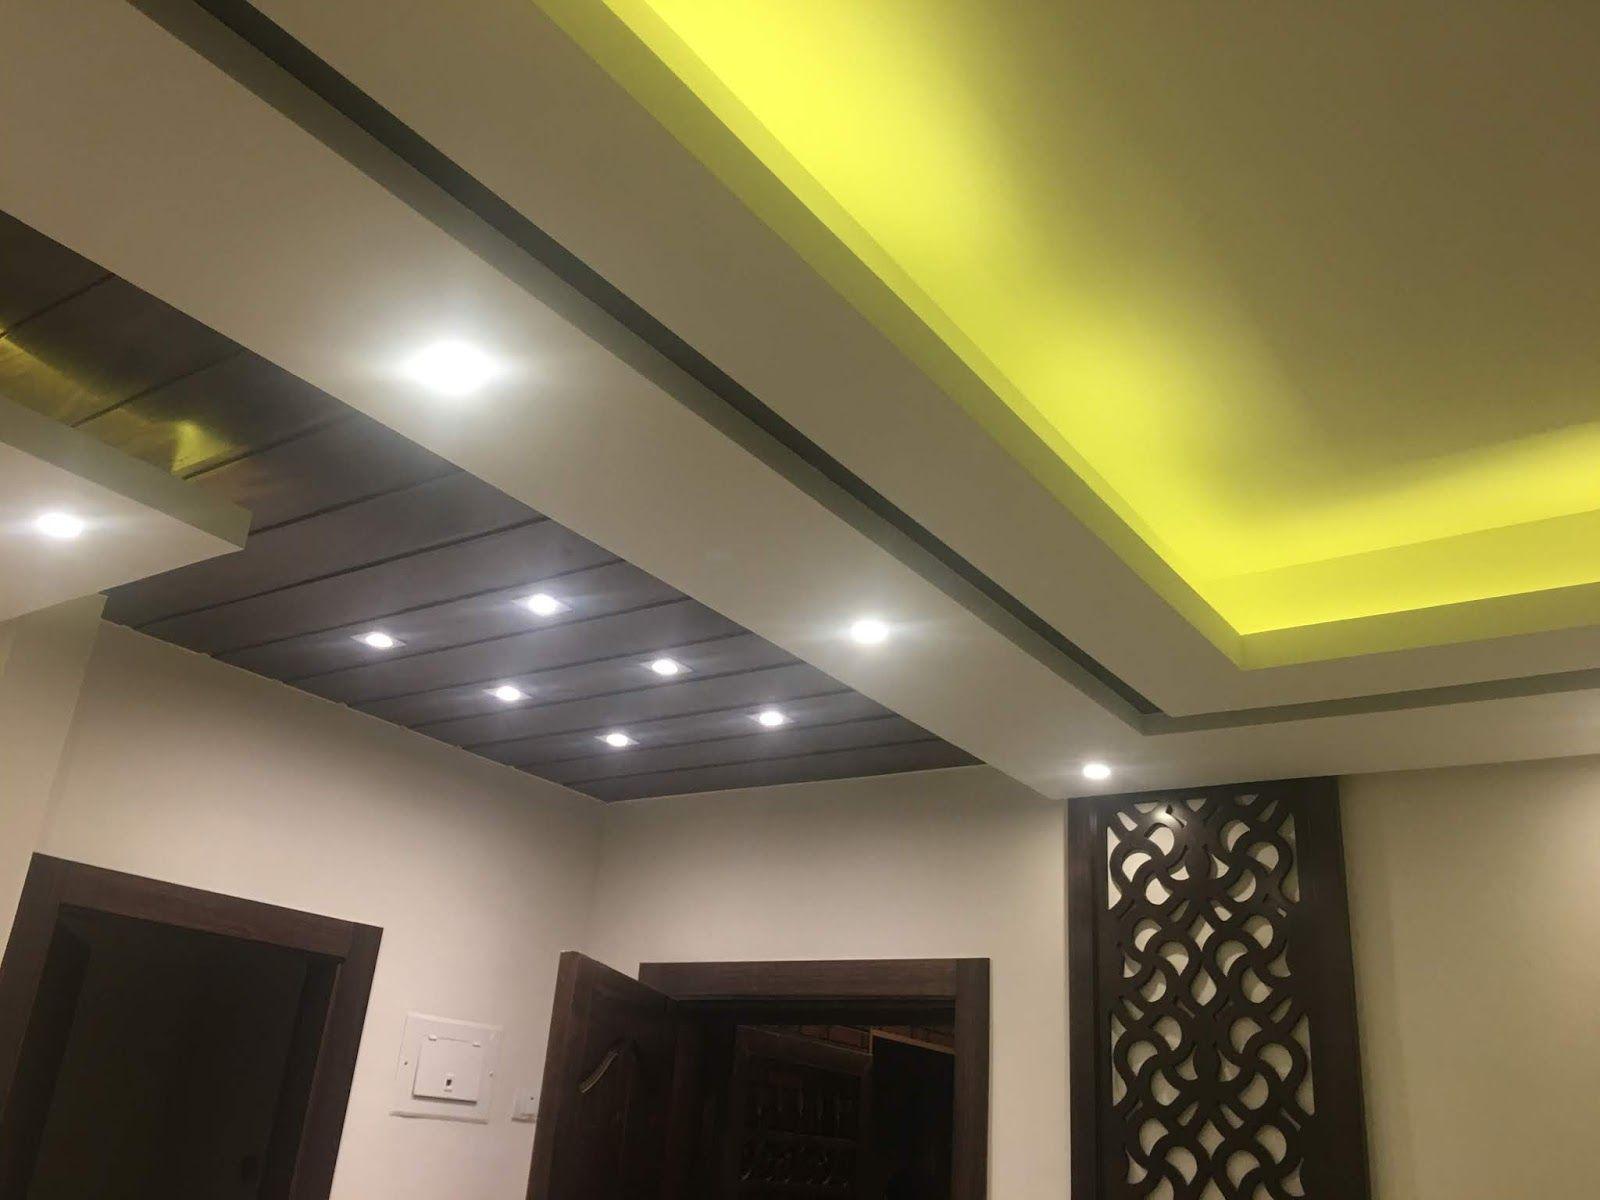 صور ديكورات جبسم بورد 2018 Gypsum Decoration Interior Design Design Interior Design Gypsum Decoration